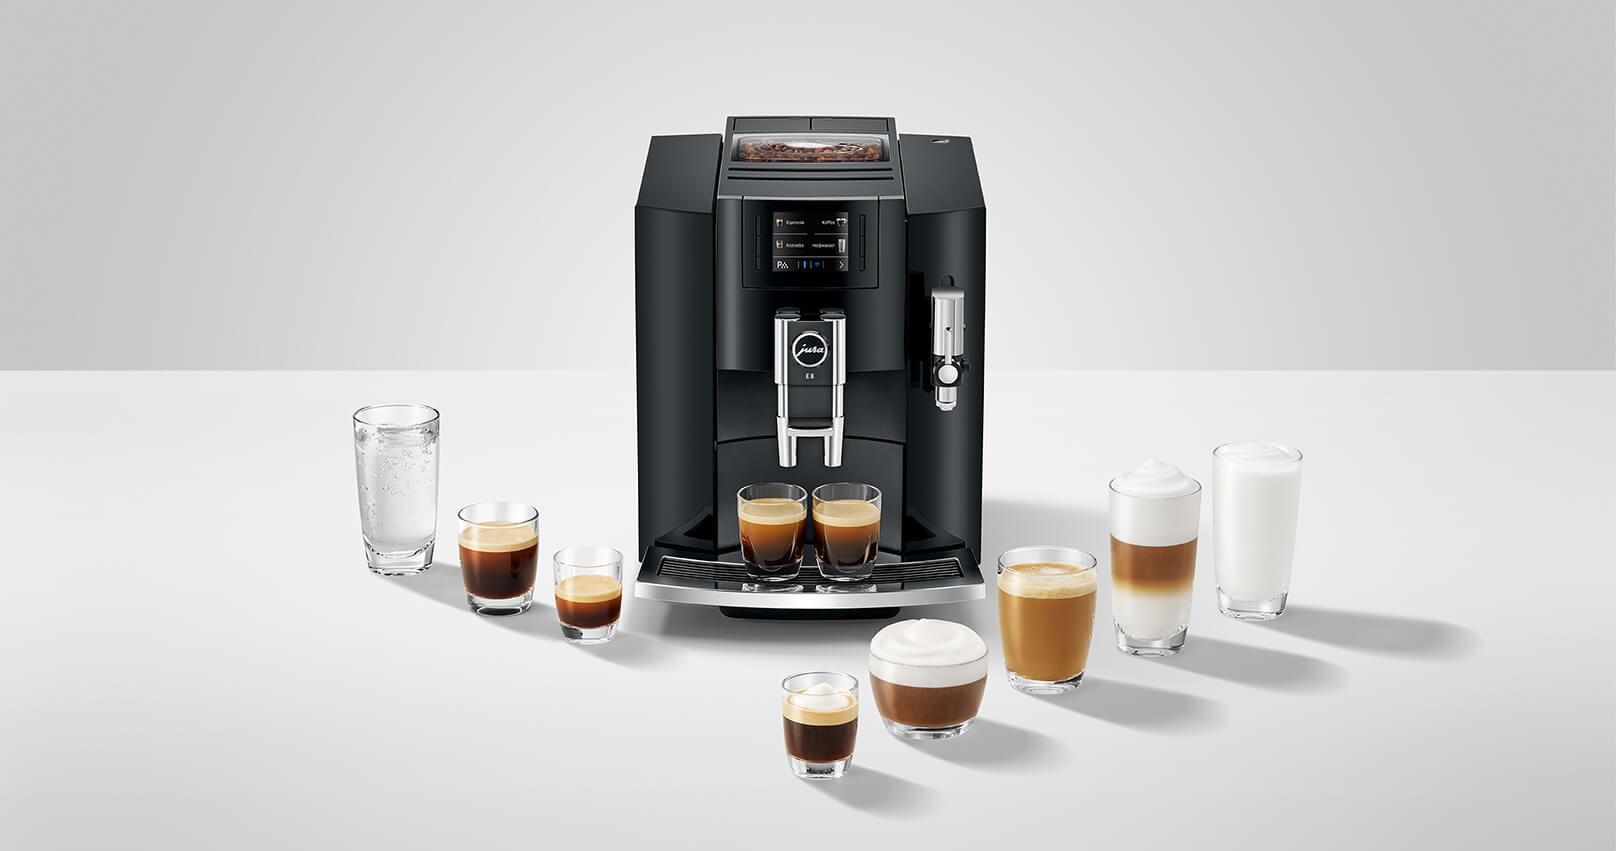 Tidssvarende Jura kaffemaskine (Test 2019) → Eksperternes Favoritter + Pris Tjek! GZ-81